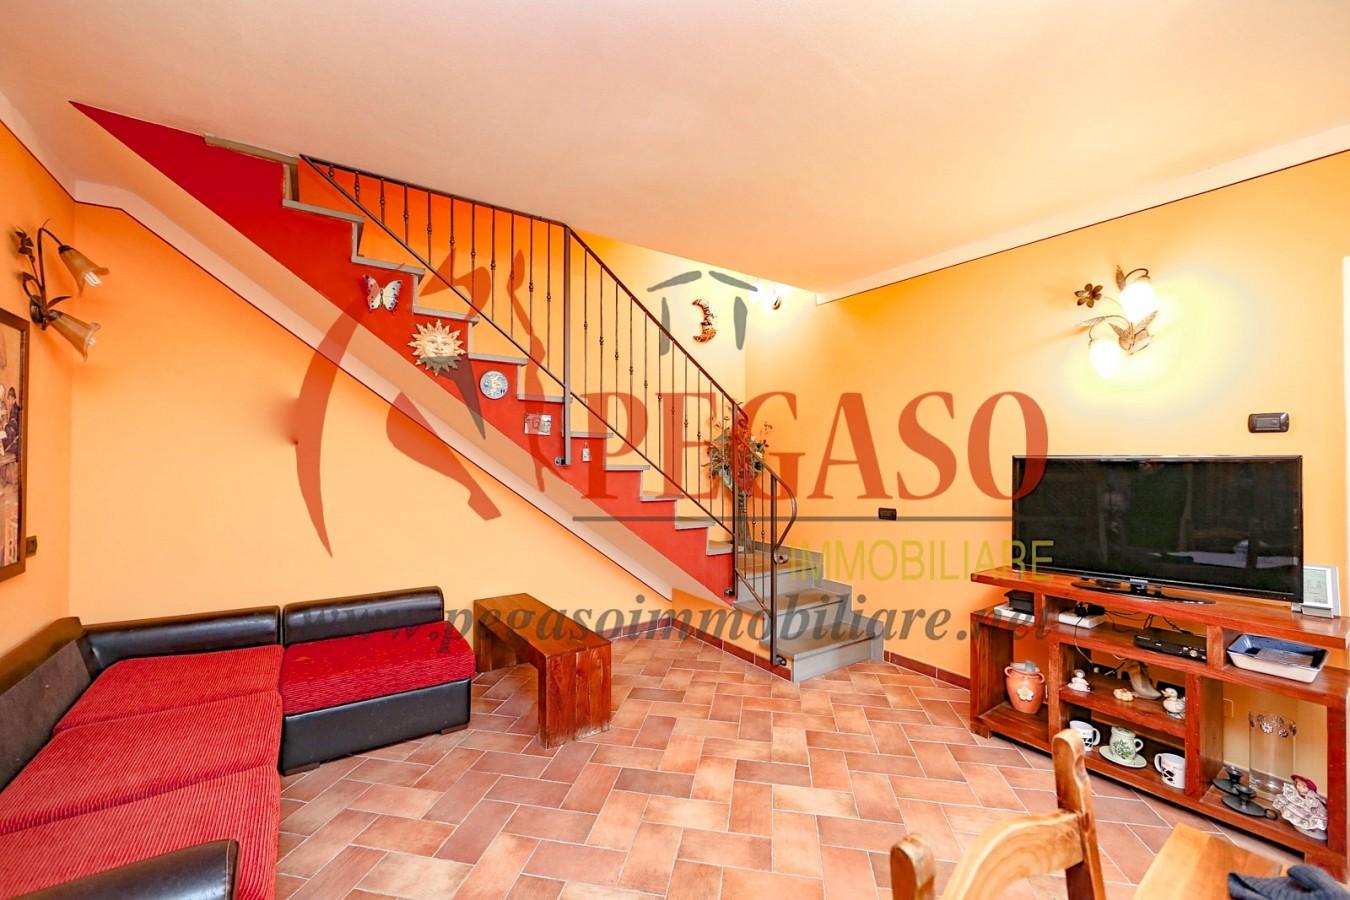 Appartamento duplex con giardino e garage immobiliare pegaso for Duplex con garage